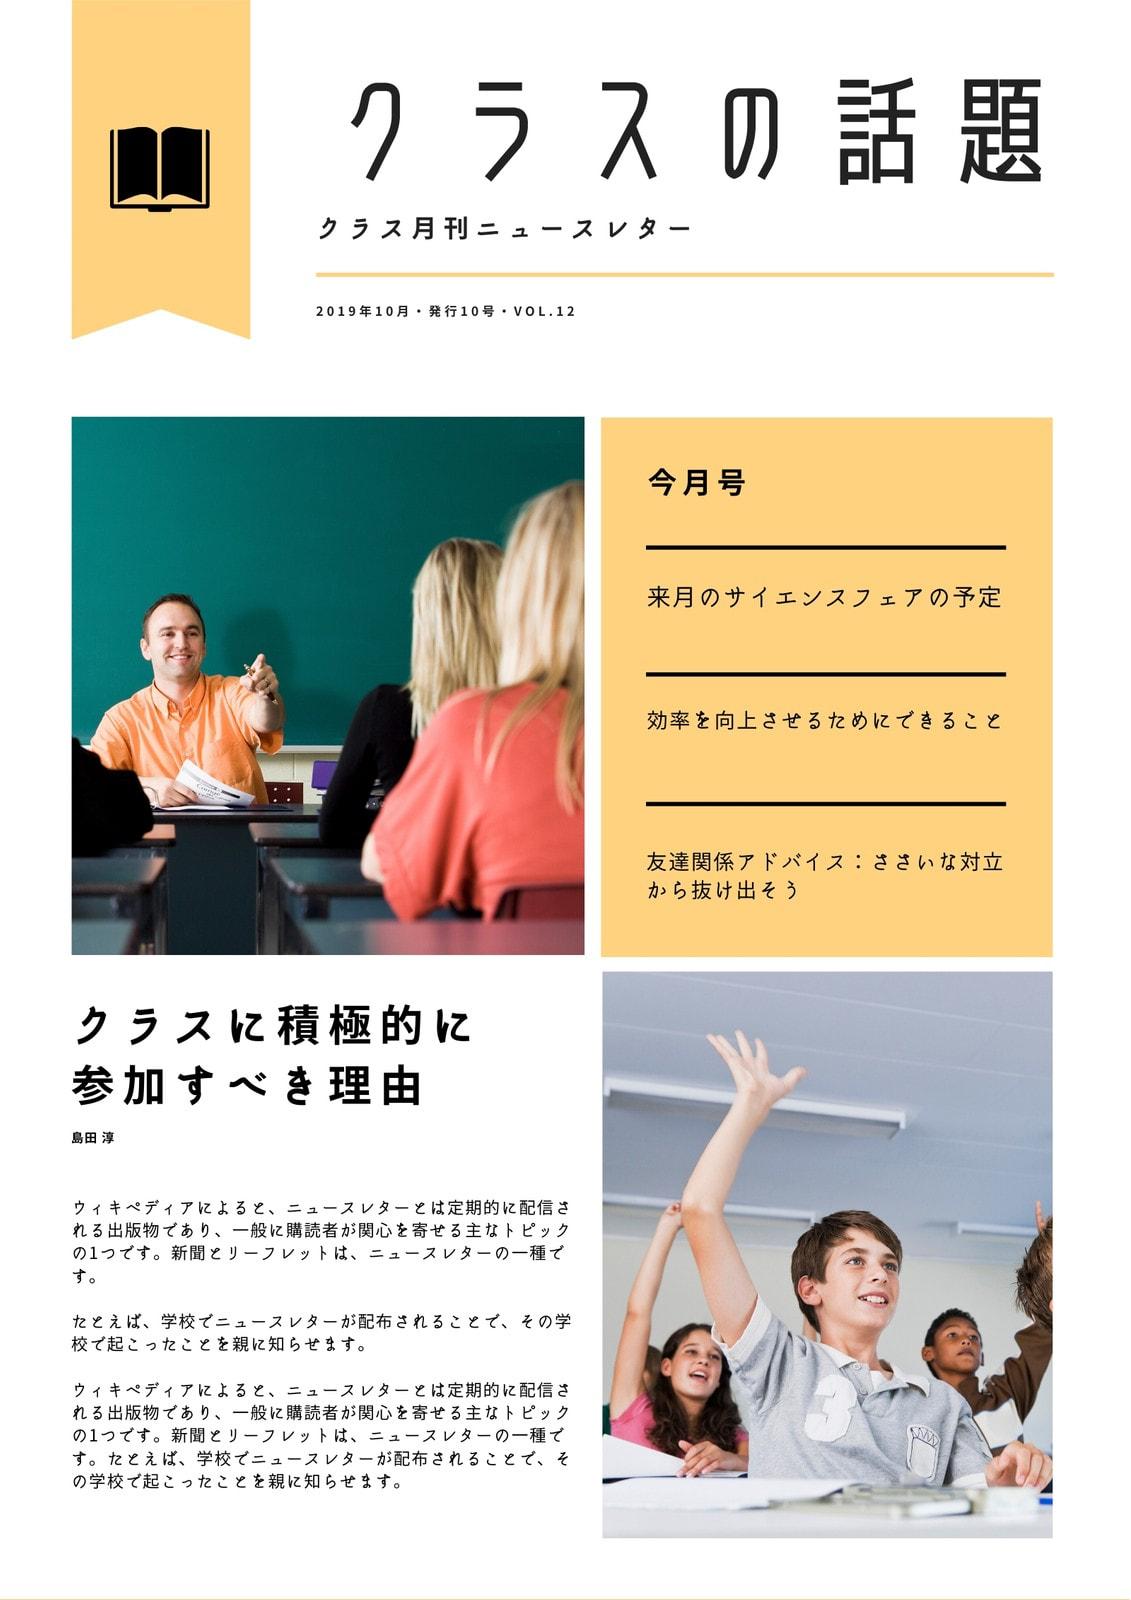 黄色と白 モダン クリエイティブ 教室 ニュースレター